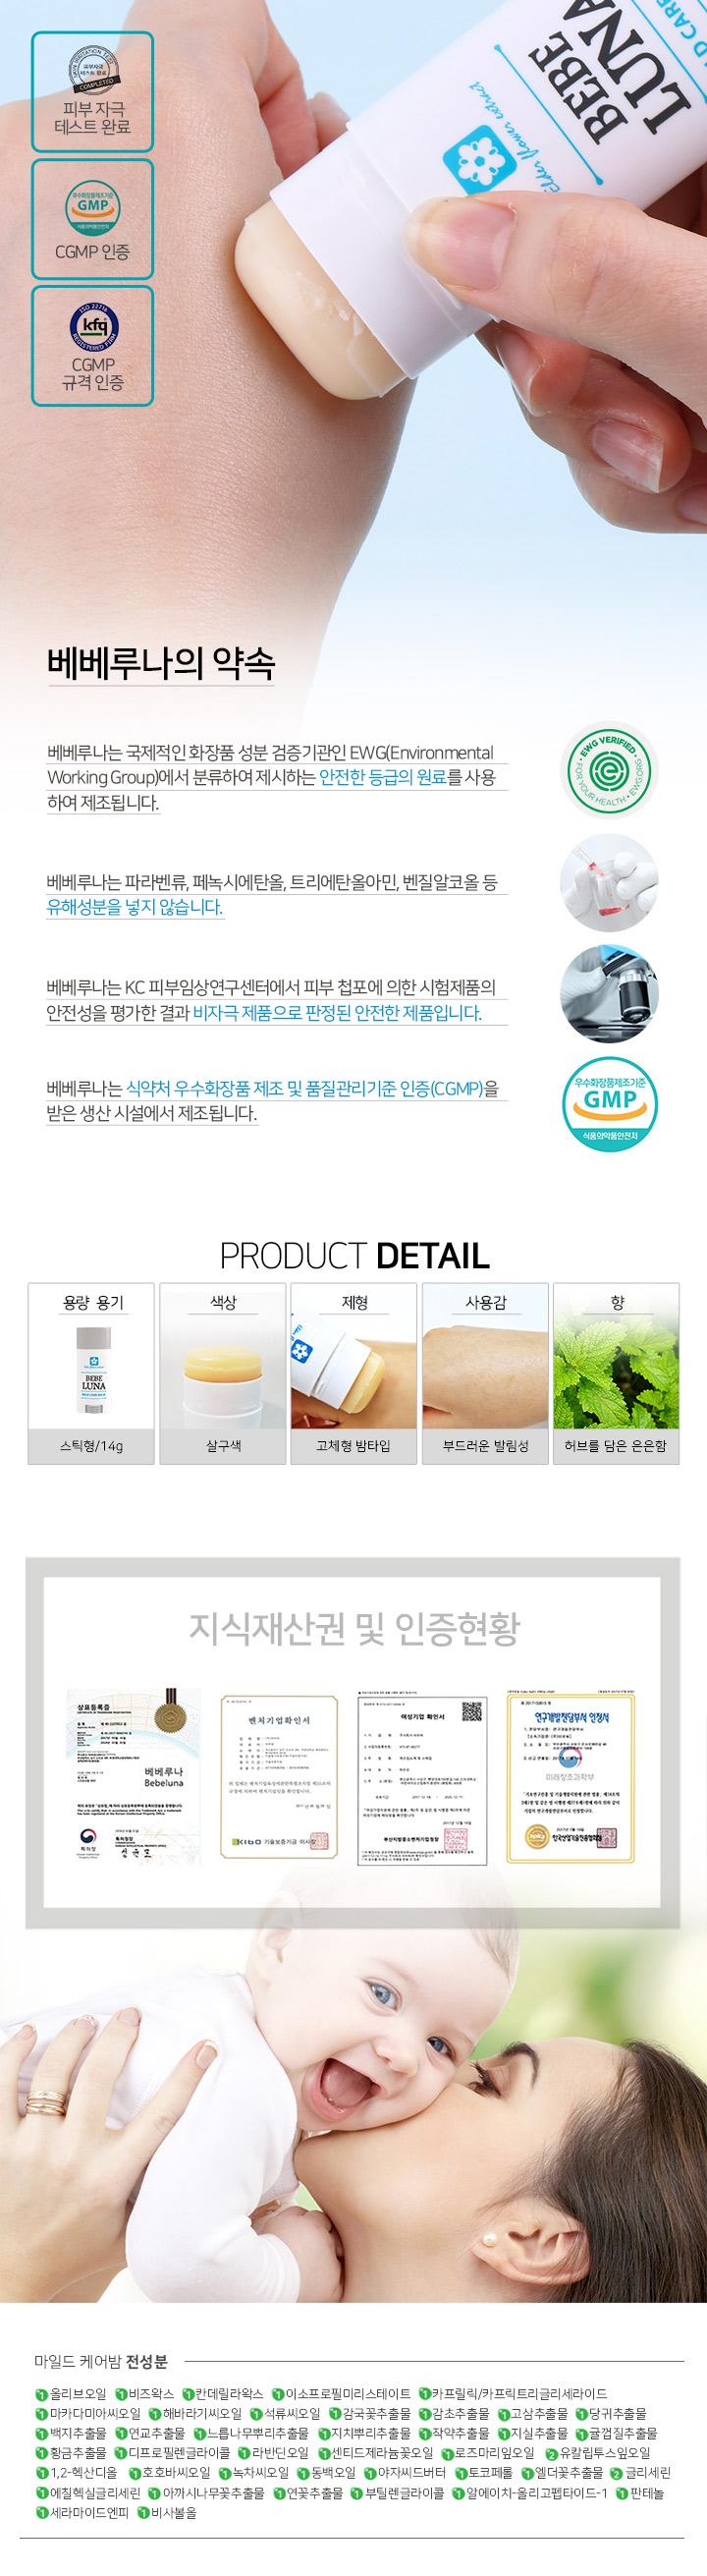 6_shop1_205103.jpg